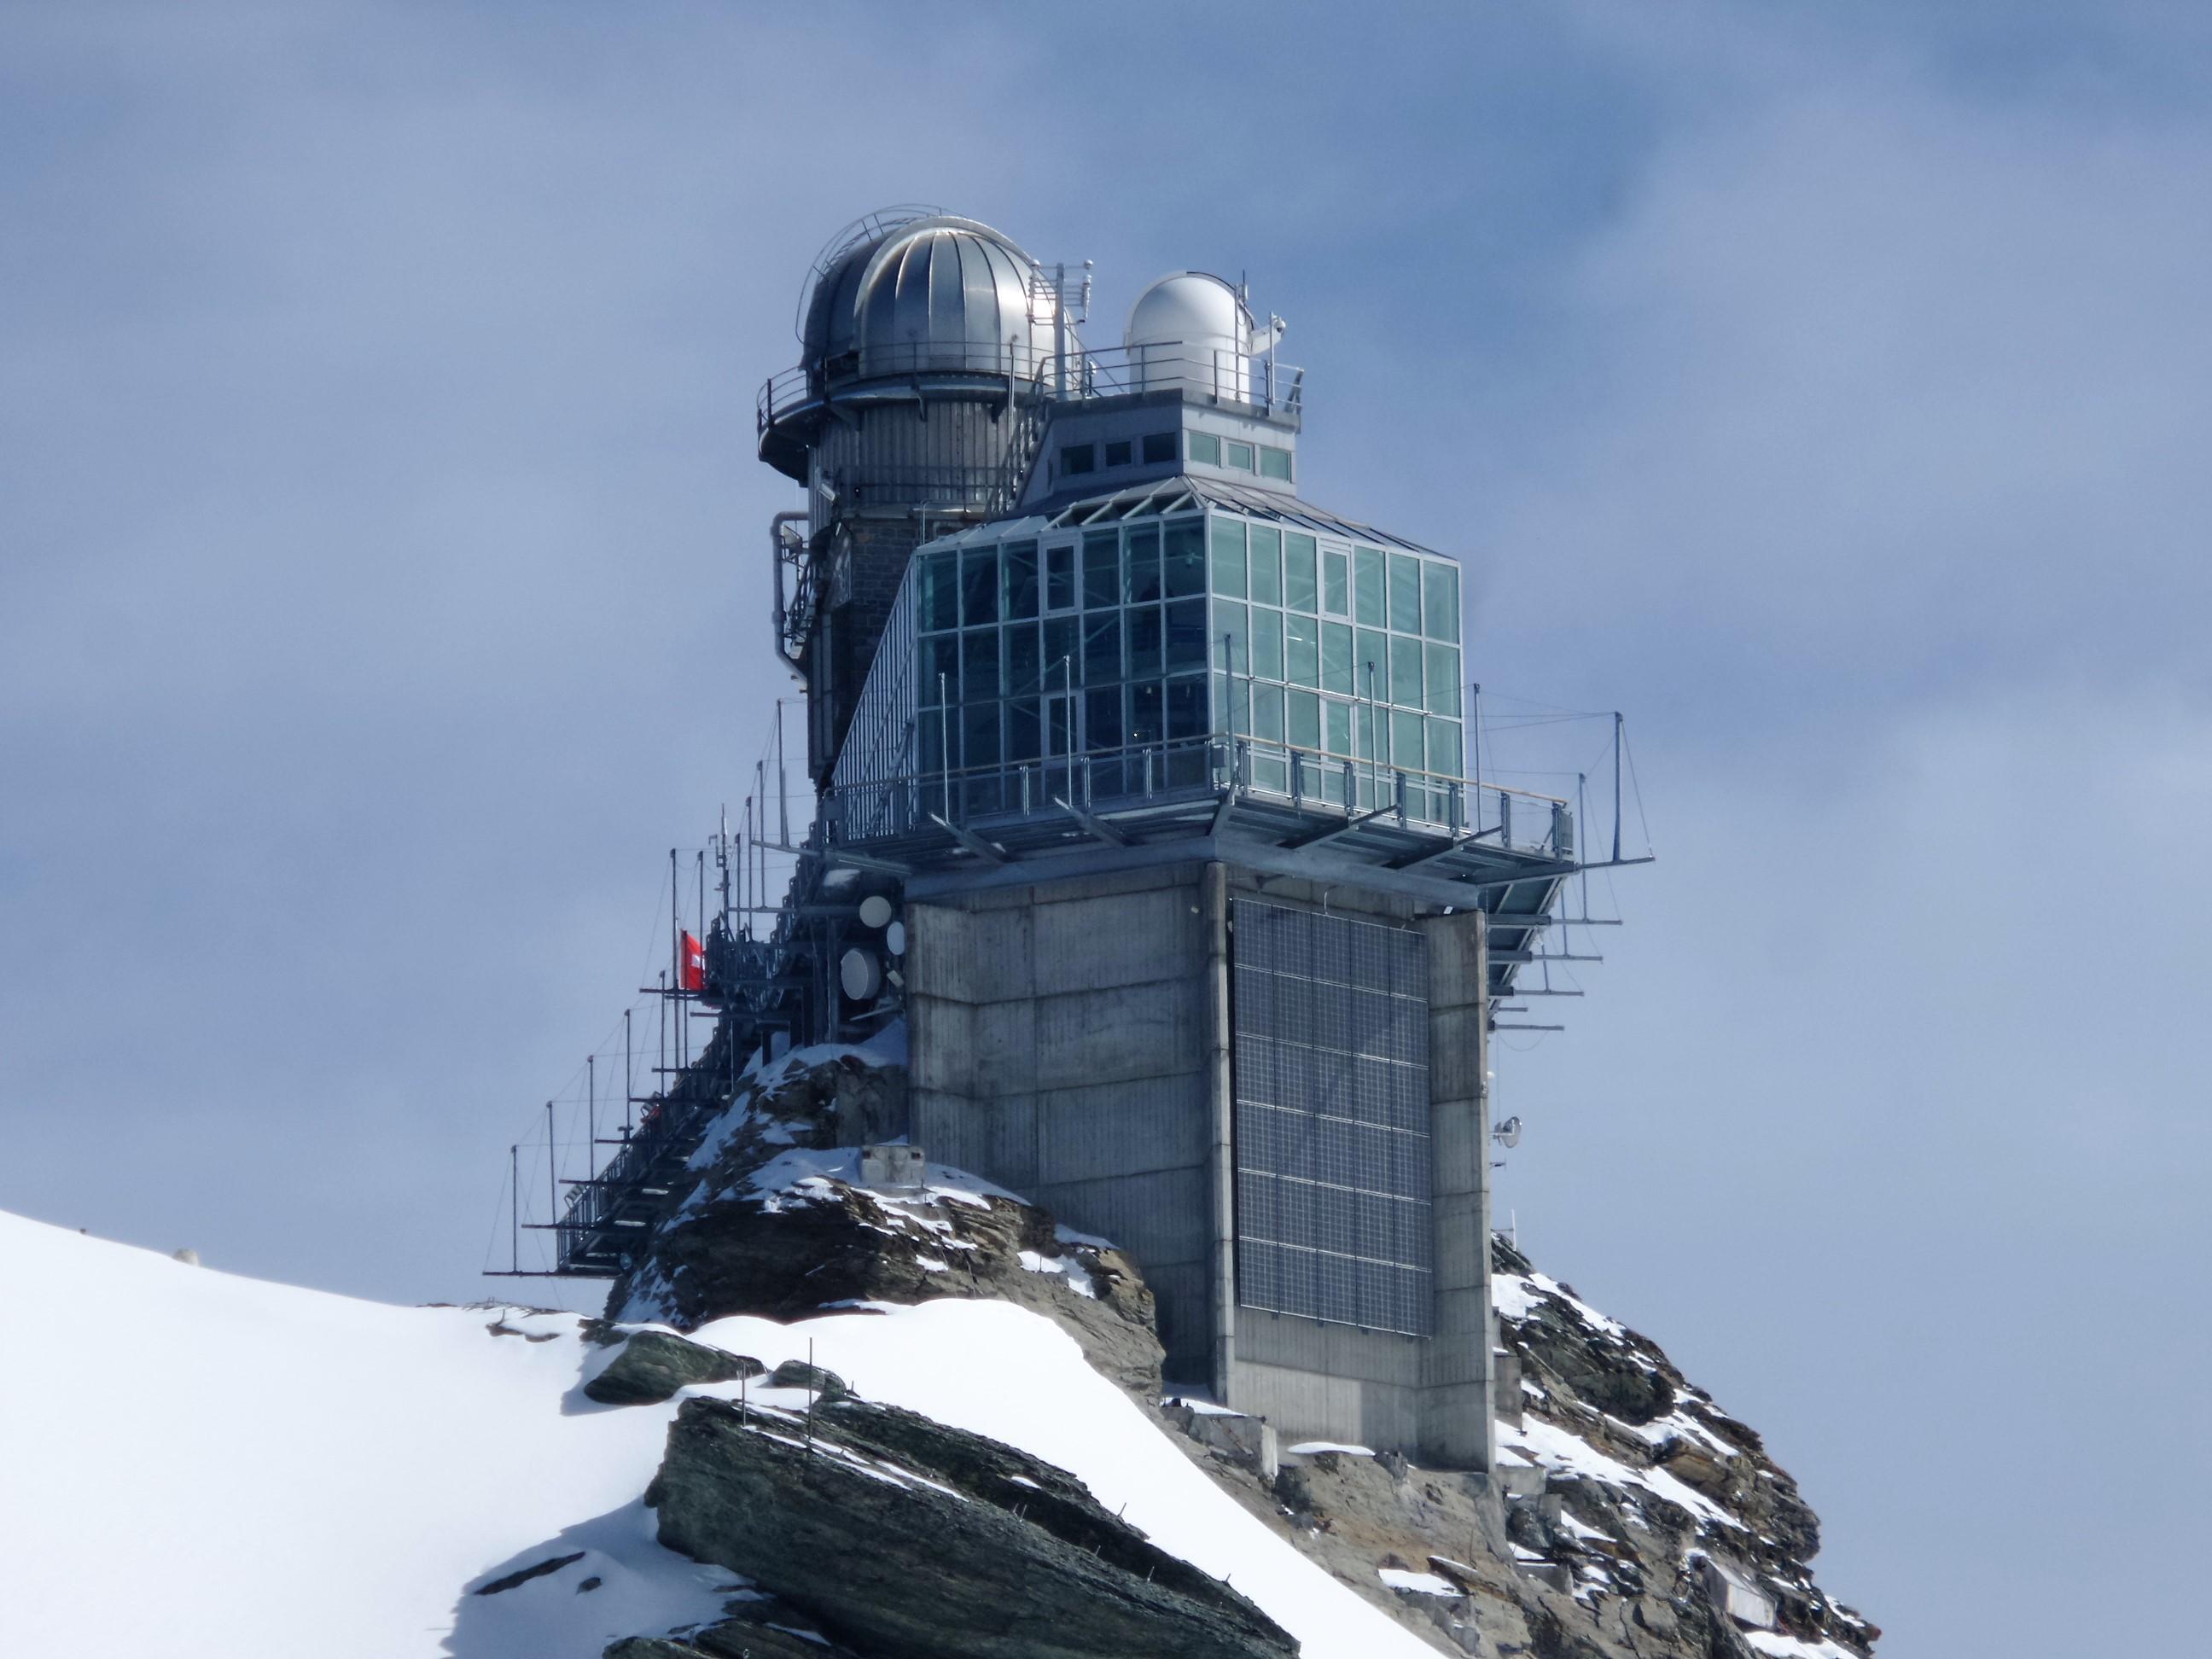 File:Sphinx Observatory Jungfraujoch 04 jpg - Wikimedia Commons